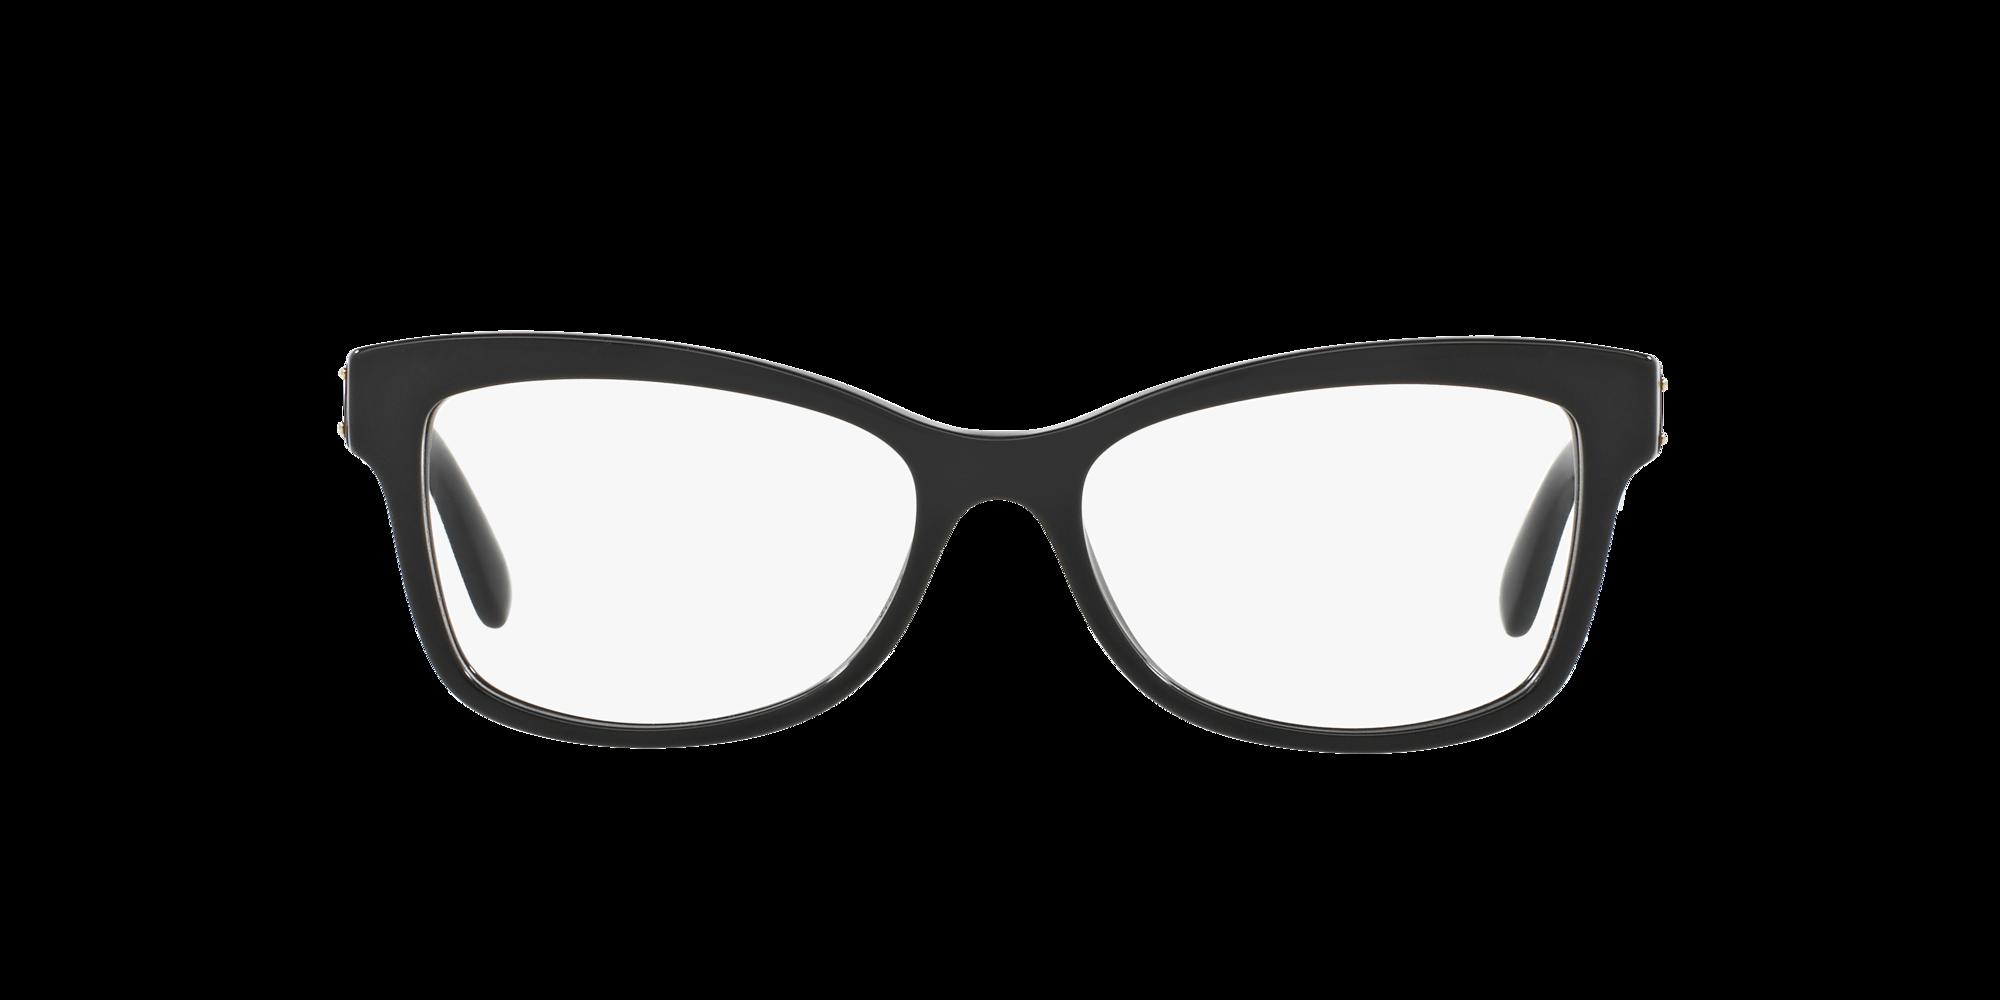 Imagen para DG3254 de LensCrafters    Espejuelos, espejuelos graduados en línea, gafas